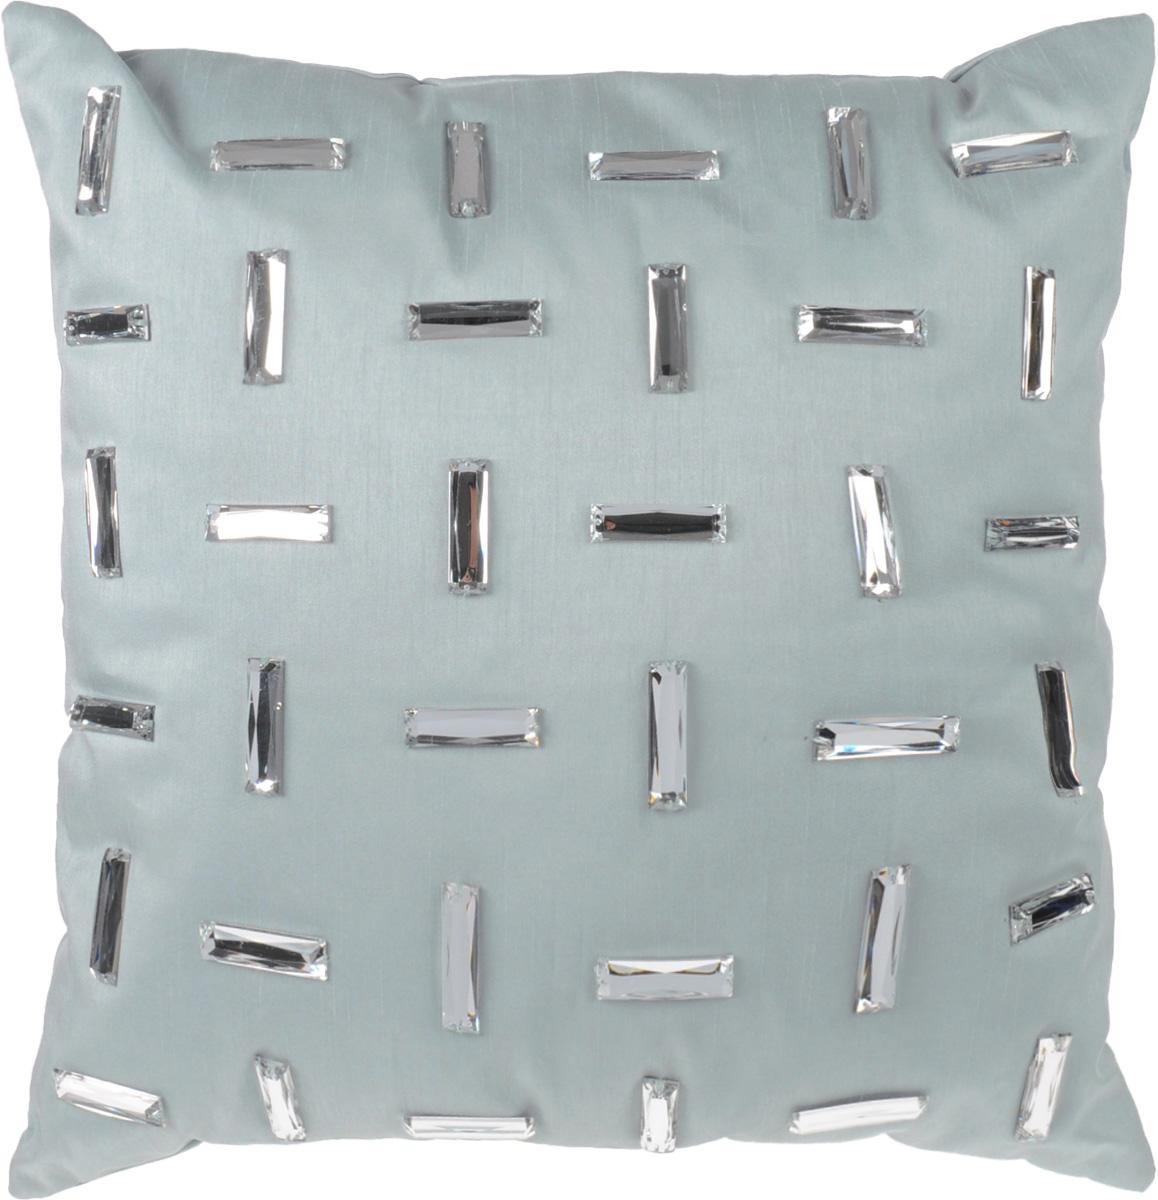 Декоративная подушка Коллекция, цвет: серый, 40 см х 40 см. ПДА-610503Декоративная подушка Коллекция, выполненная из полиэстера серого цвета с набивкой из силиконизированного волокна, станет отличным подарком для каждого. Подушка расшита декоративными блестящими элементами . Съемный чехол закрывается на застежку-молнию.Такая подушка подарит комфорт и уют, а также станет оригинальным украшением интерьера. Характеристики:Материал чехла: 100% полиэстер, пластик. Набивка: 100% силиконизированное волокно. Размер подушки: 40 см x 40 см. Артикул: ПДА-6.